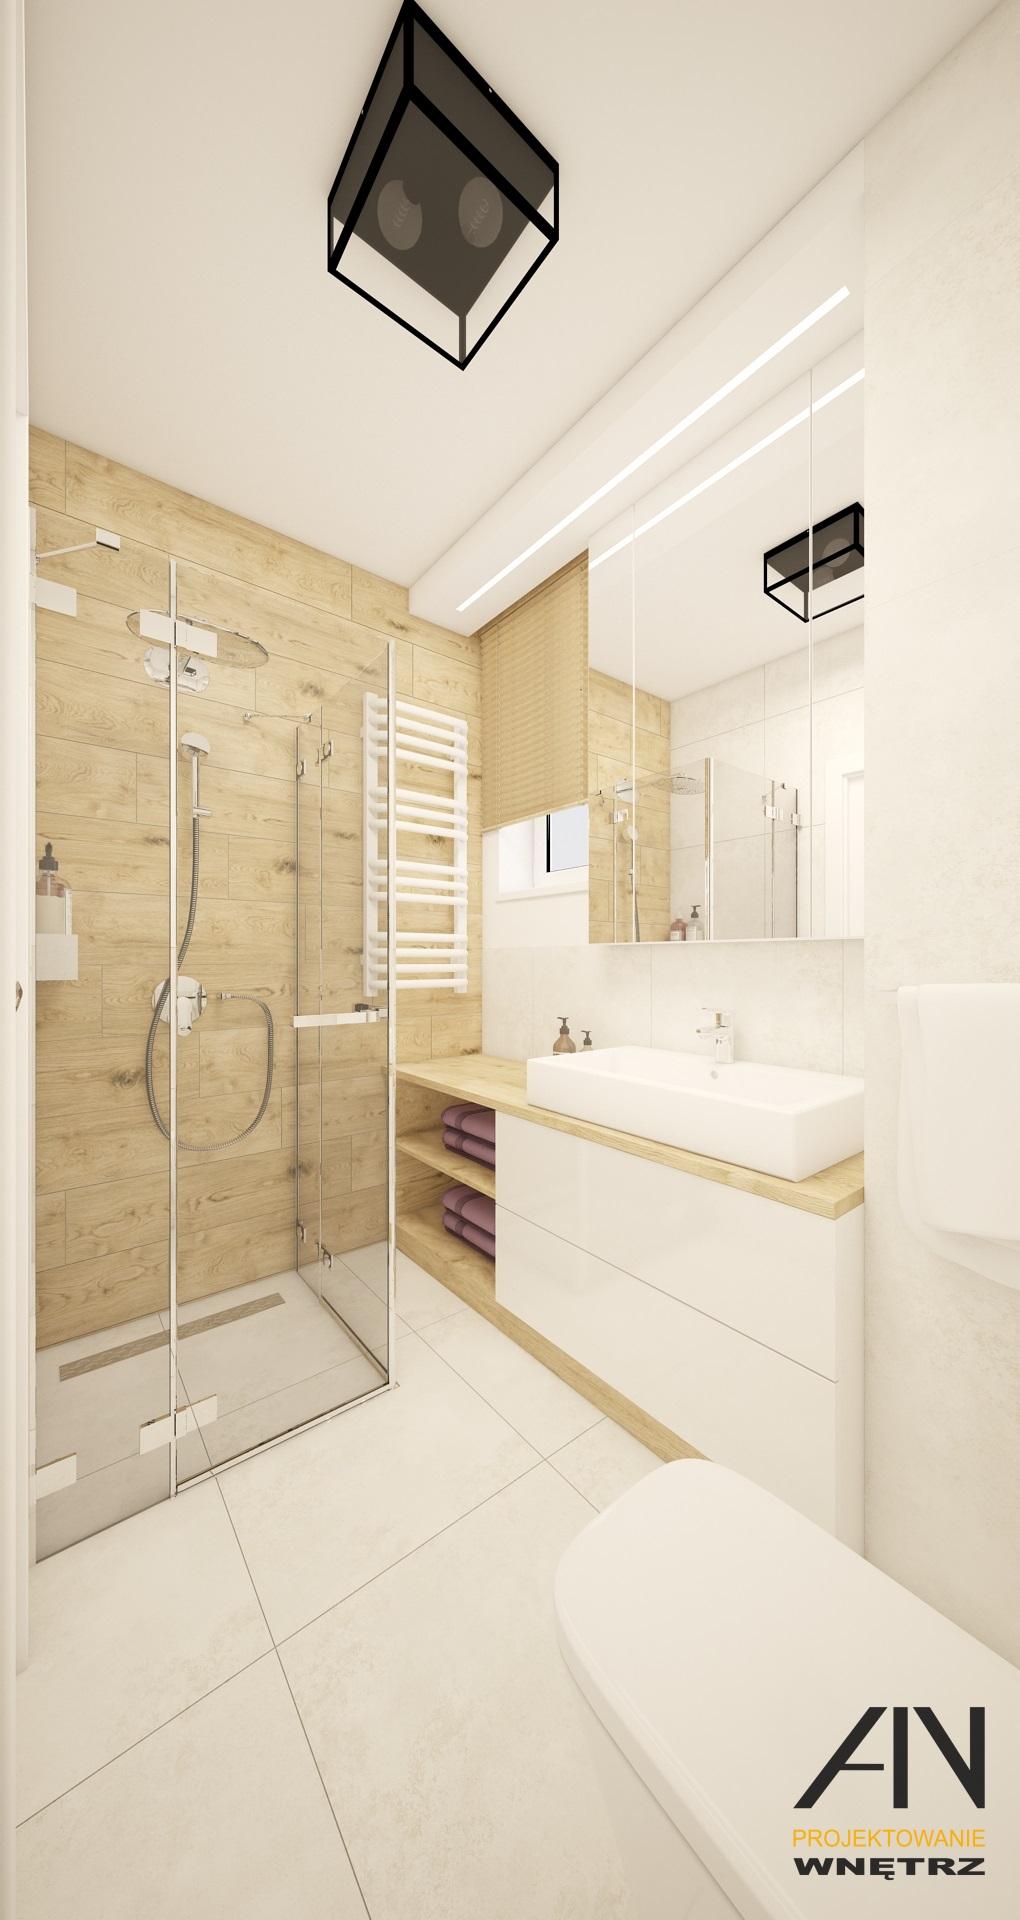 łazienka 3a